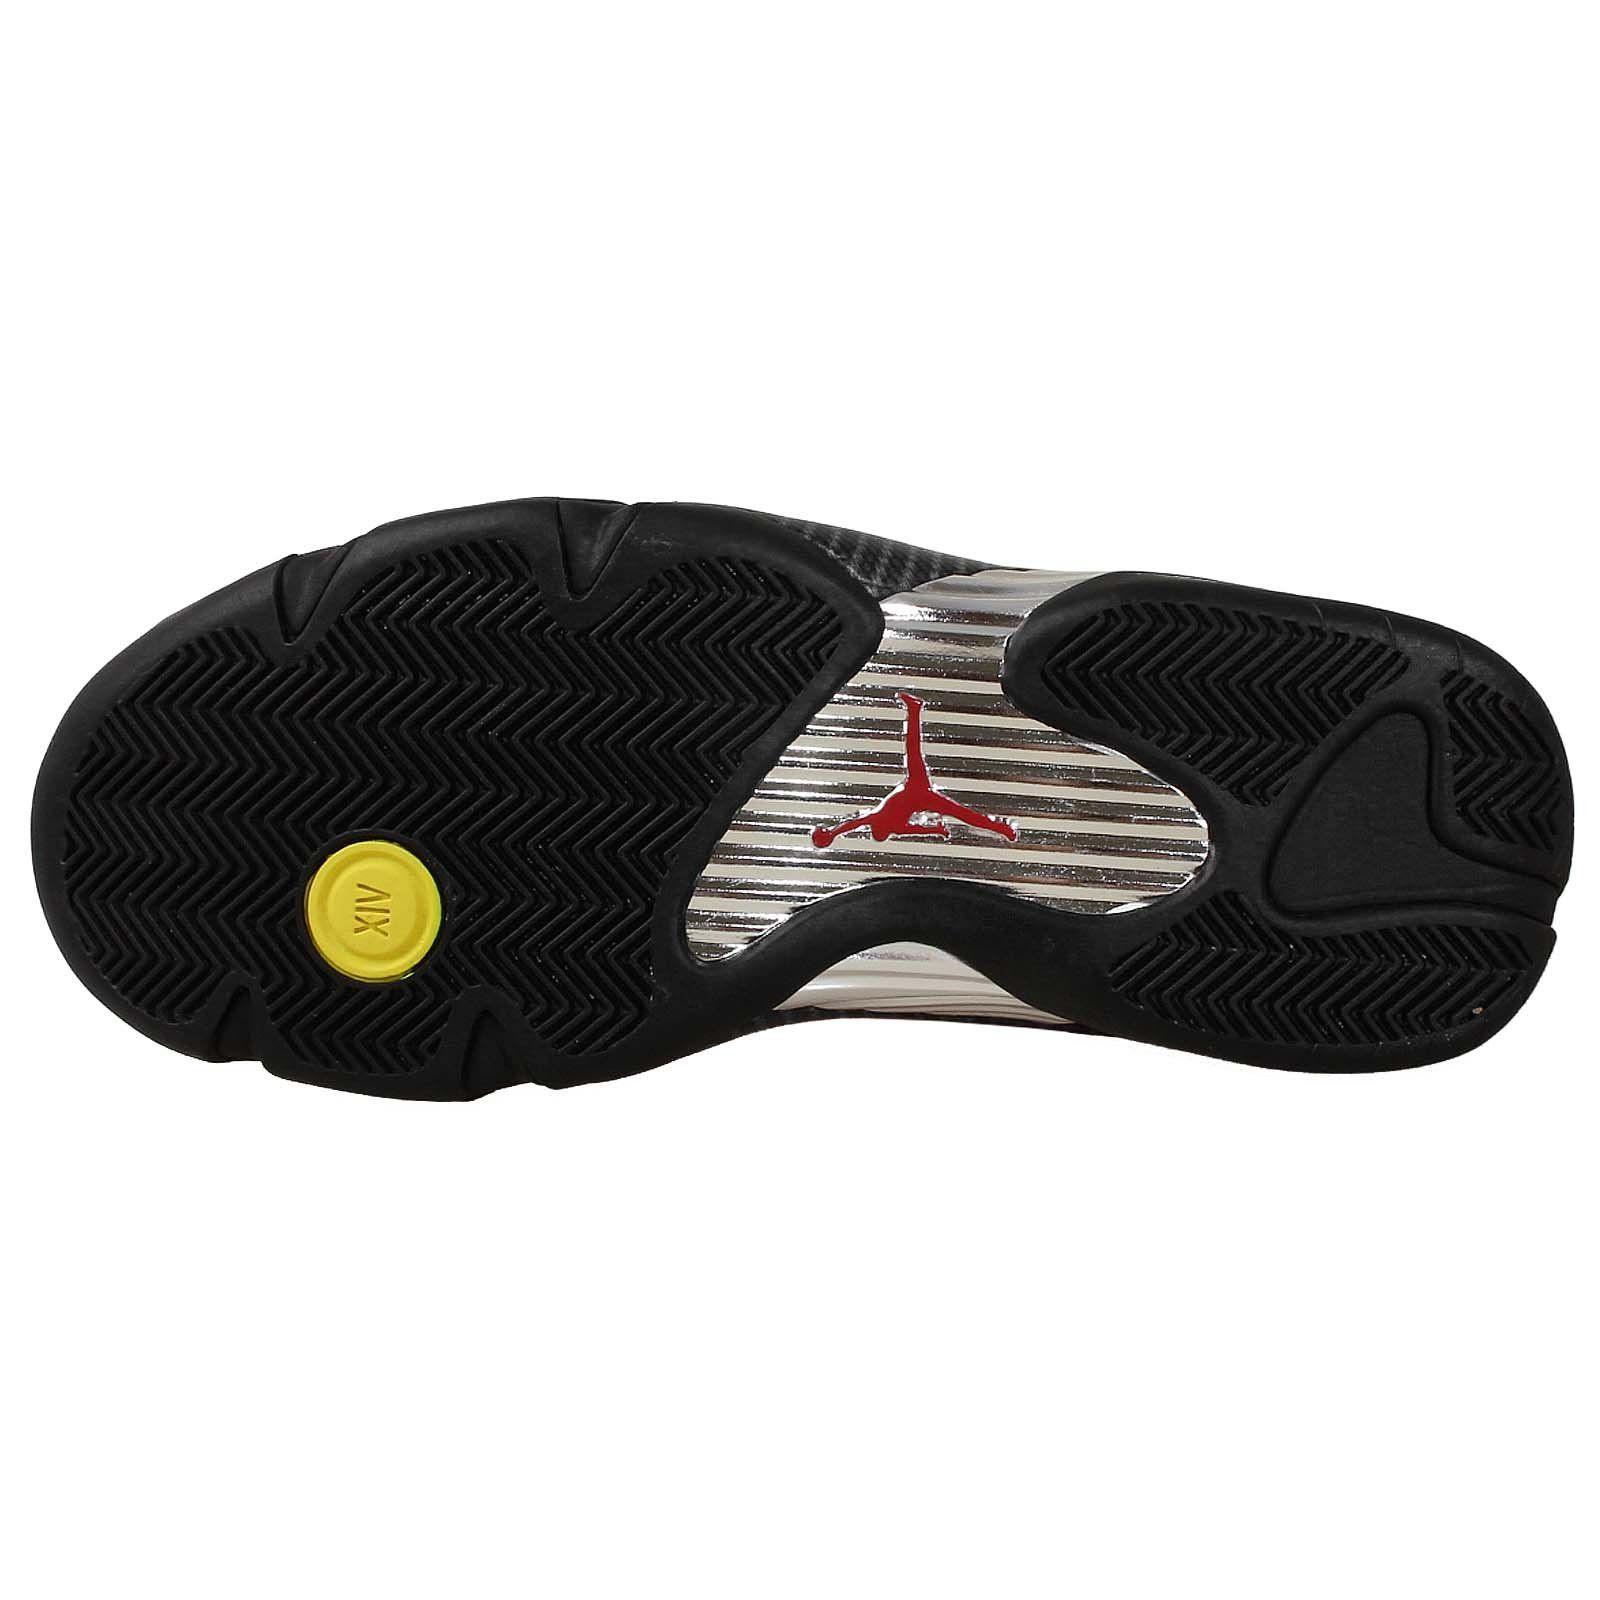 b441191f2c98 Nike Mens Air Jordan 14 Retro